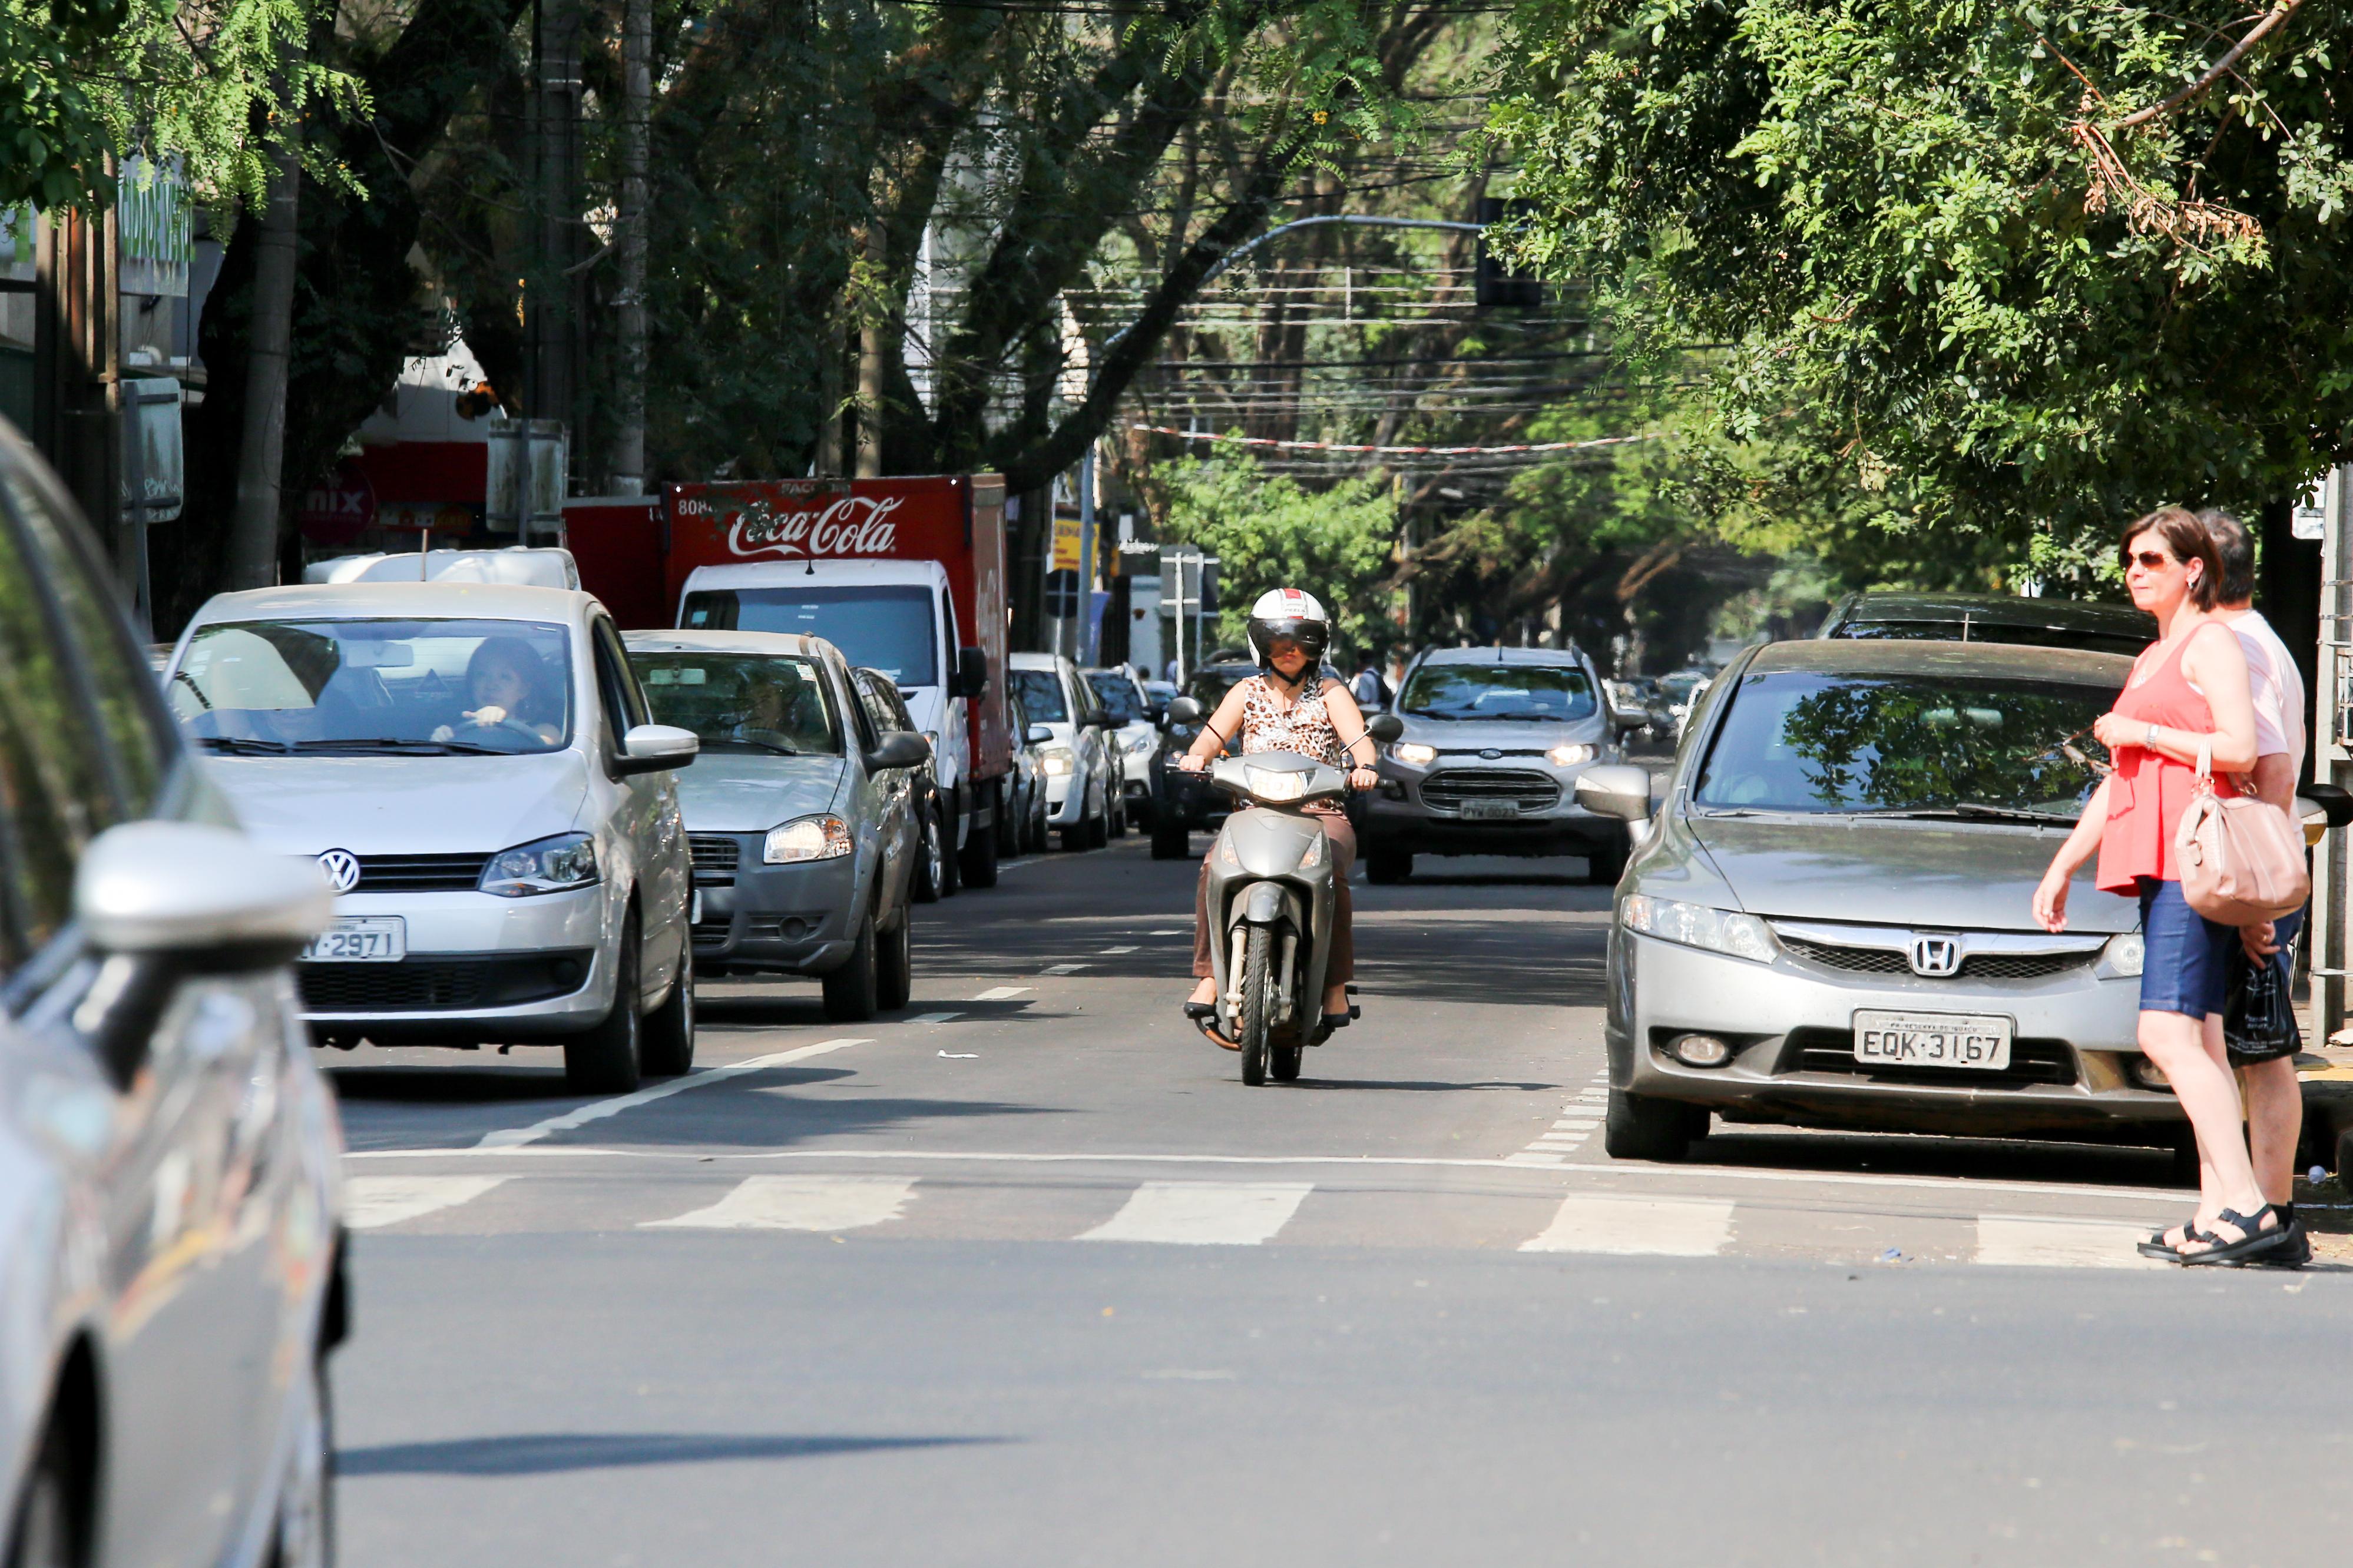 Motociclistas ainda são as maiores vítimas do trânsito. Foto: Aldemir de Moraes